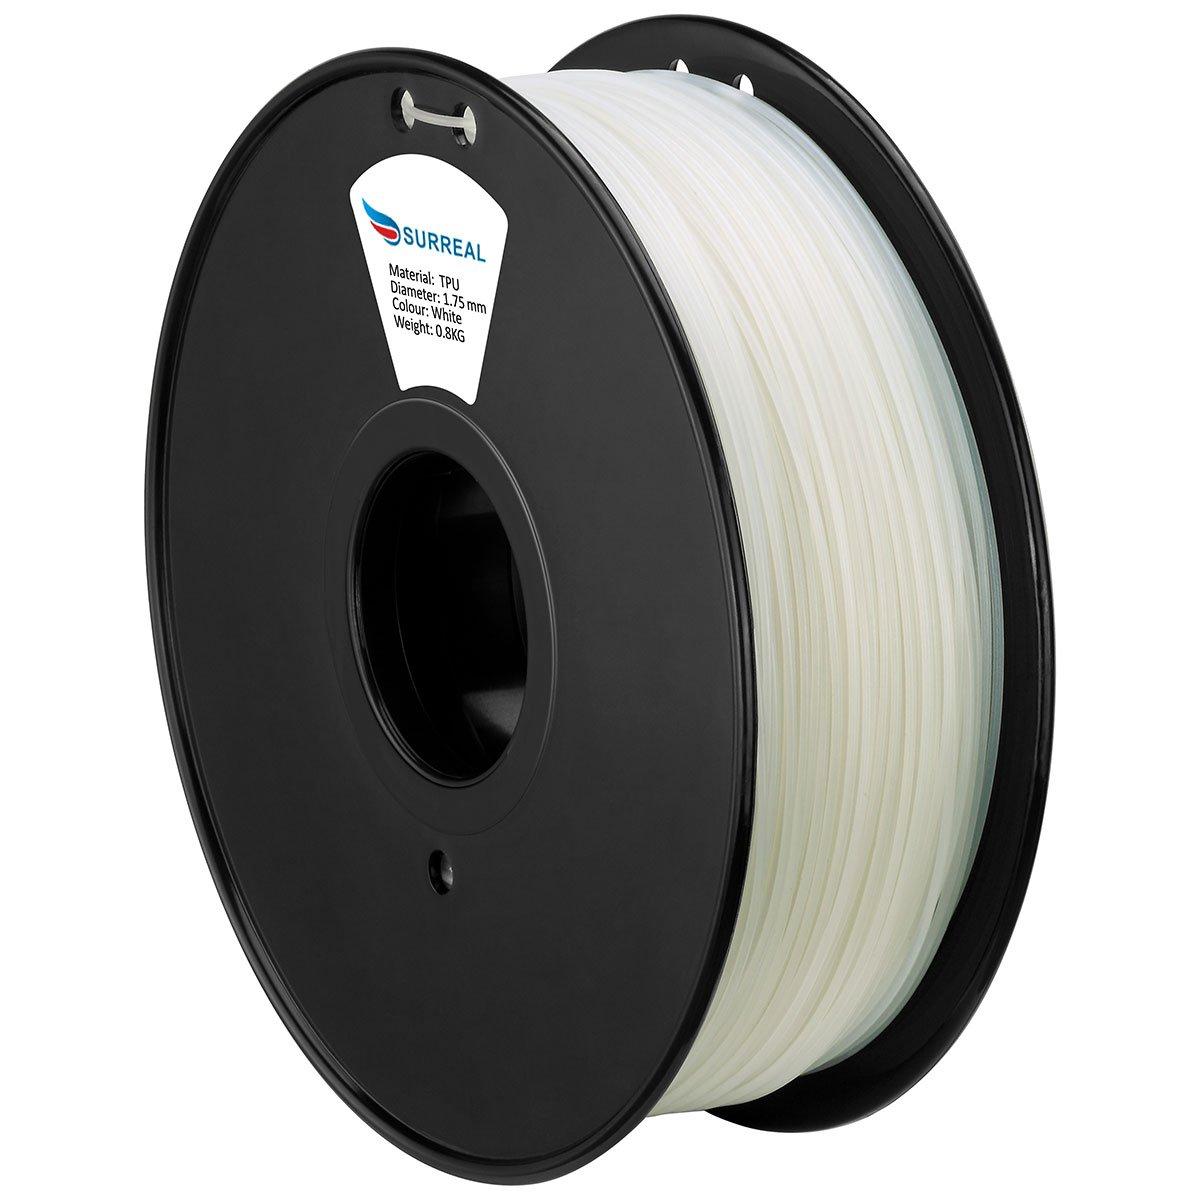 800g Surreal Flexible TPU 3D Printer Filament 1.75mm Colour : Black